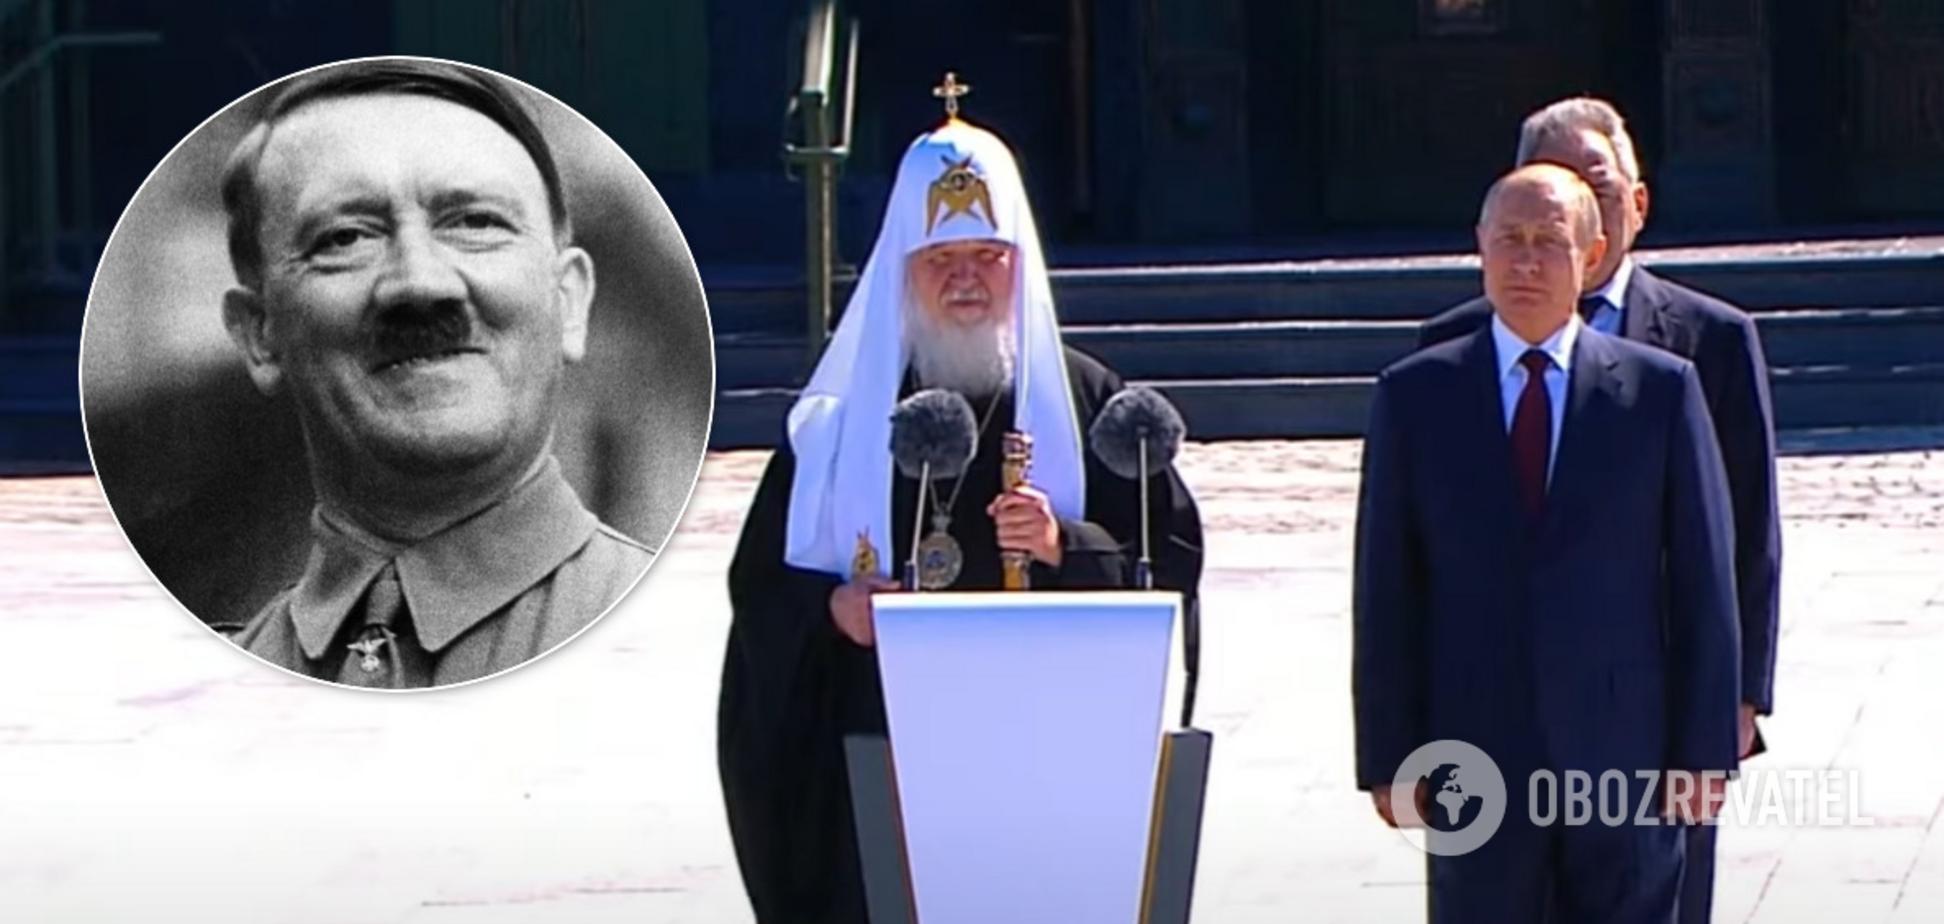 Патріарх Кирило 'сердечно привітав' з днем нападу Німеччини на СРСР